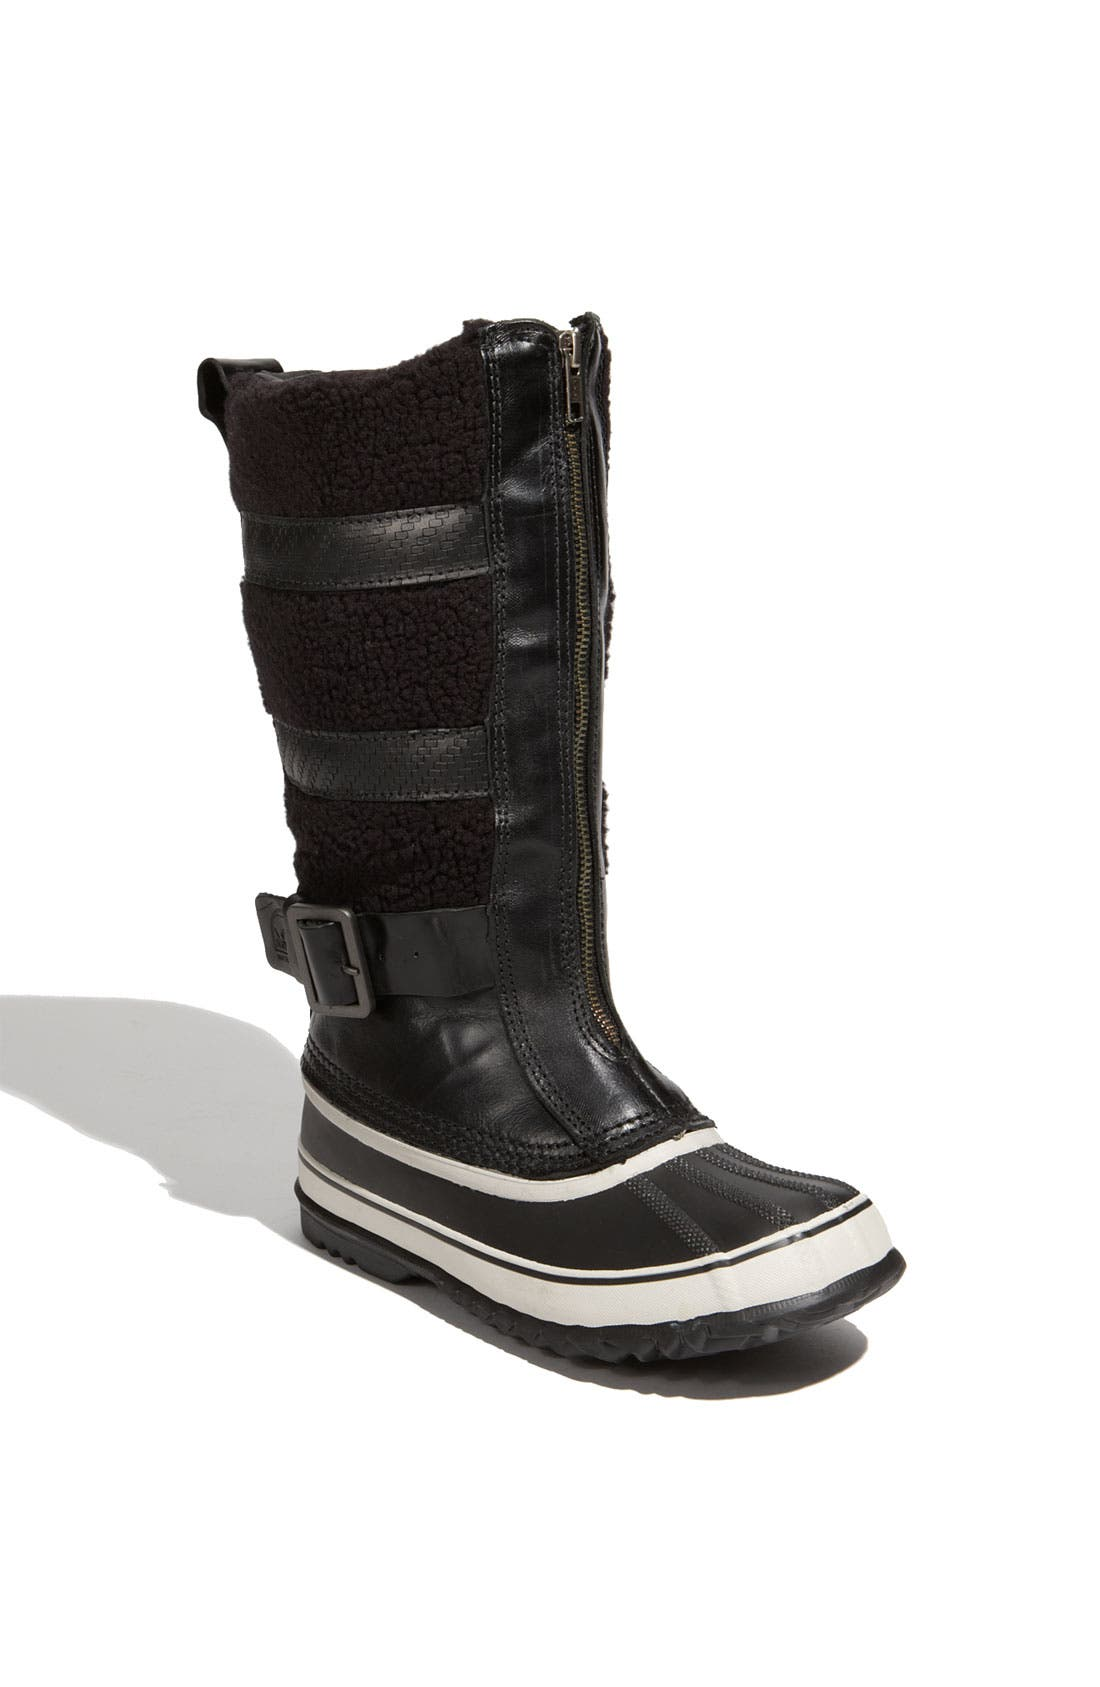 Alternate Image 1 Selected - Sorel 'Helen of Tundra II Boot'